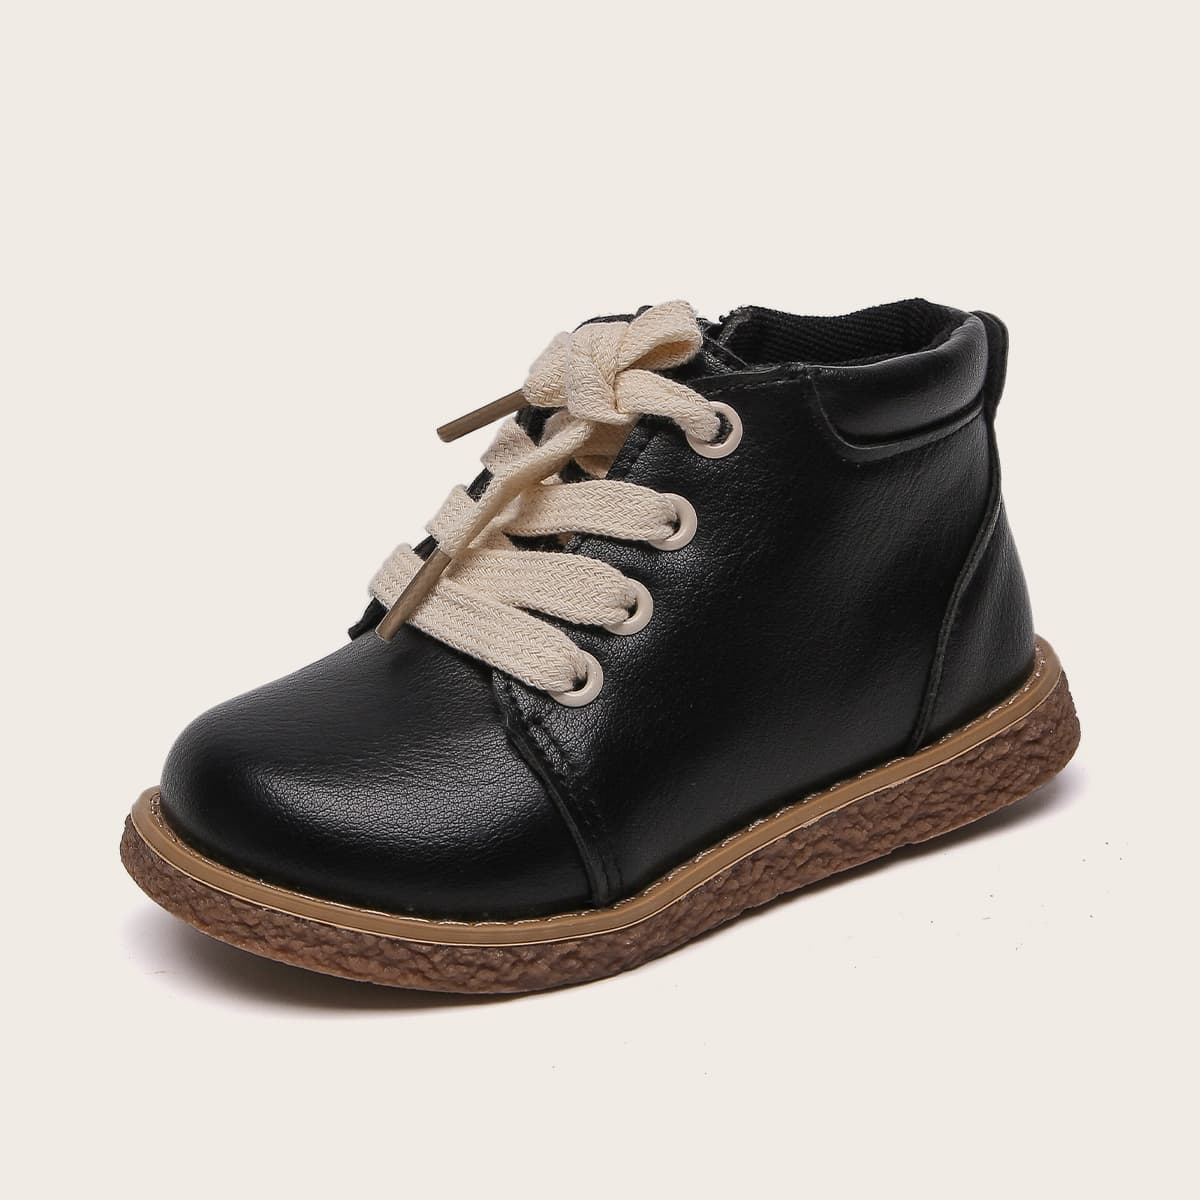 Сапоги на шнурках для мальчиков